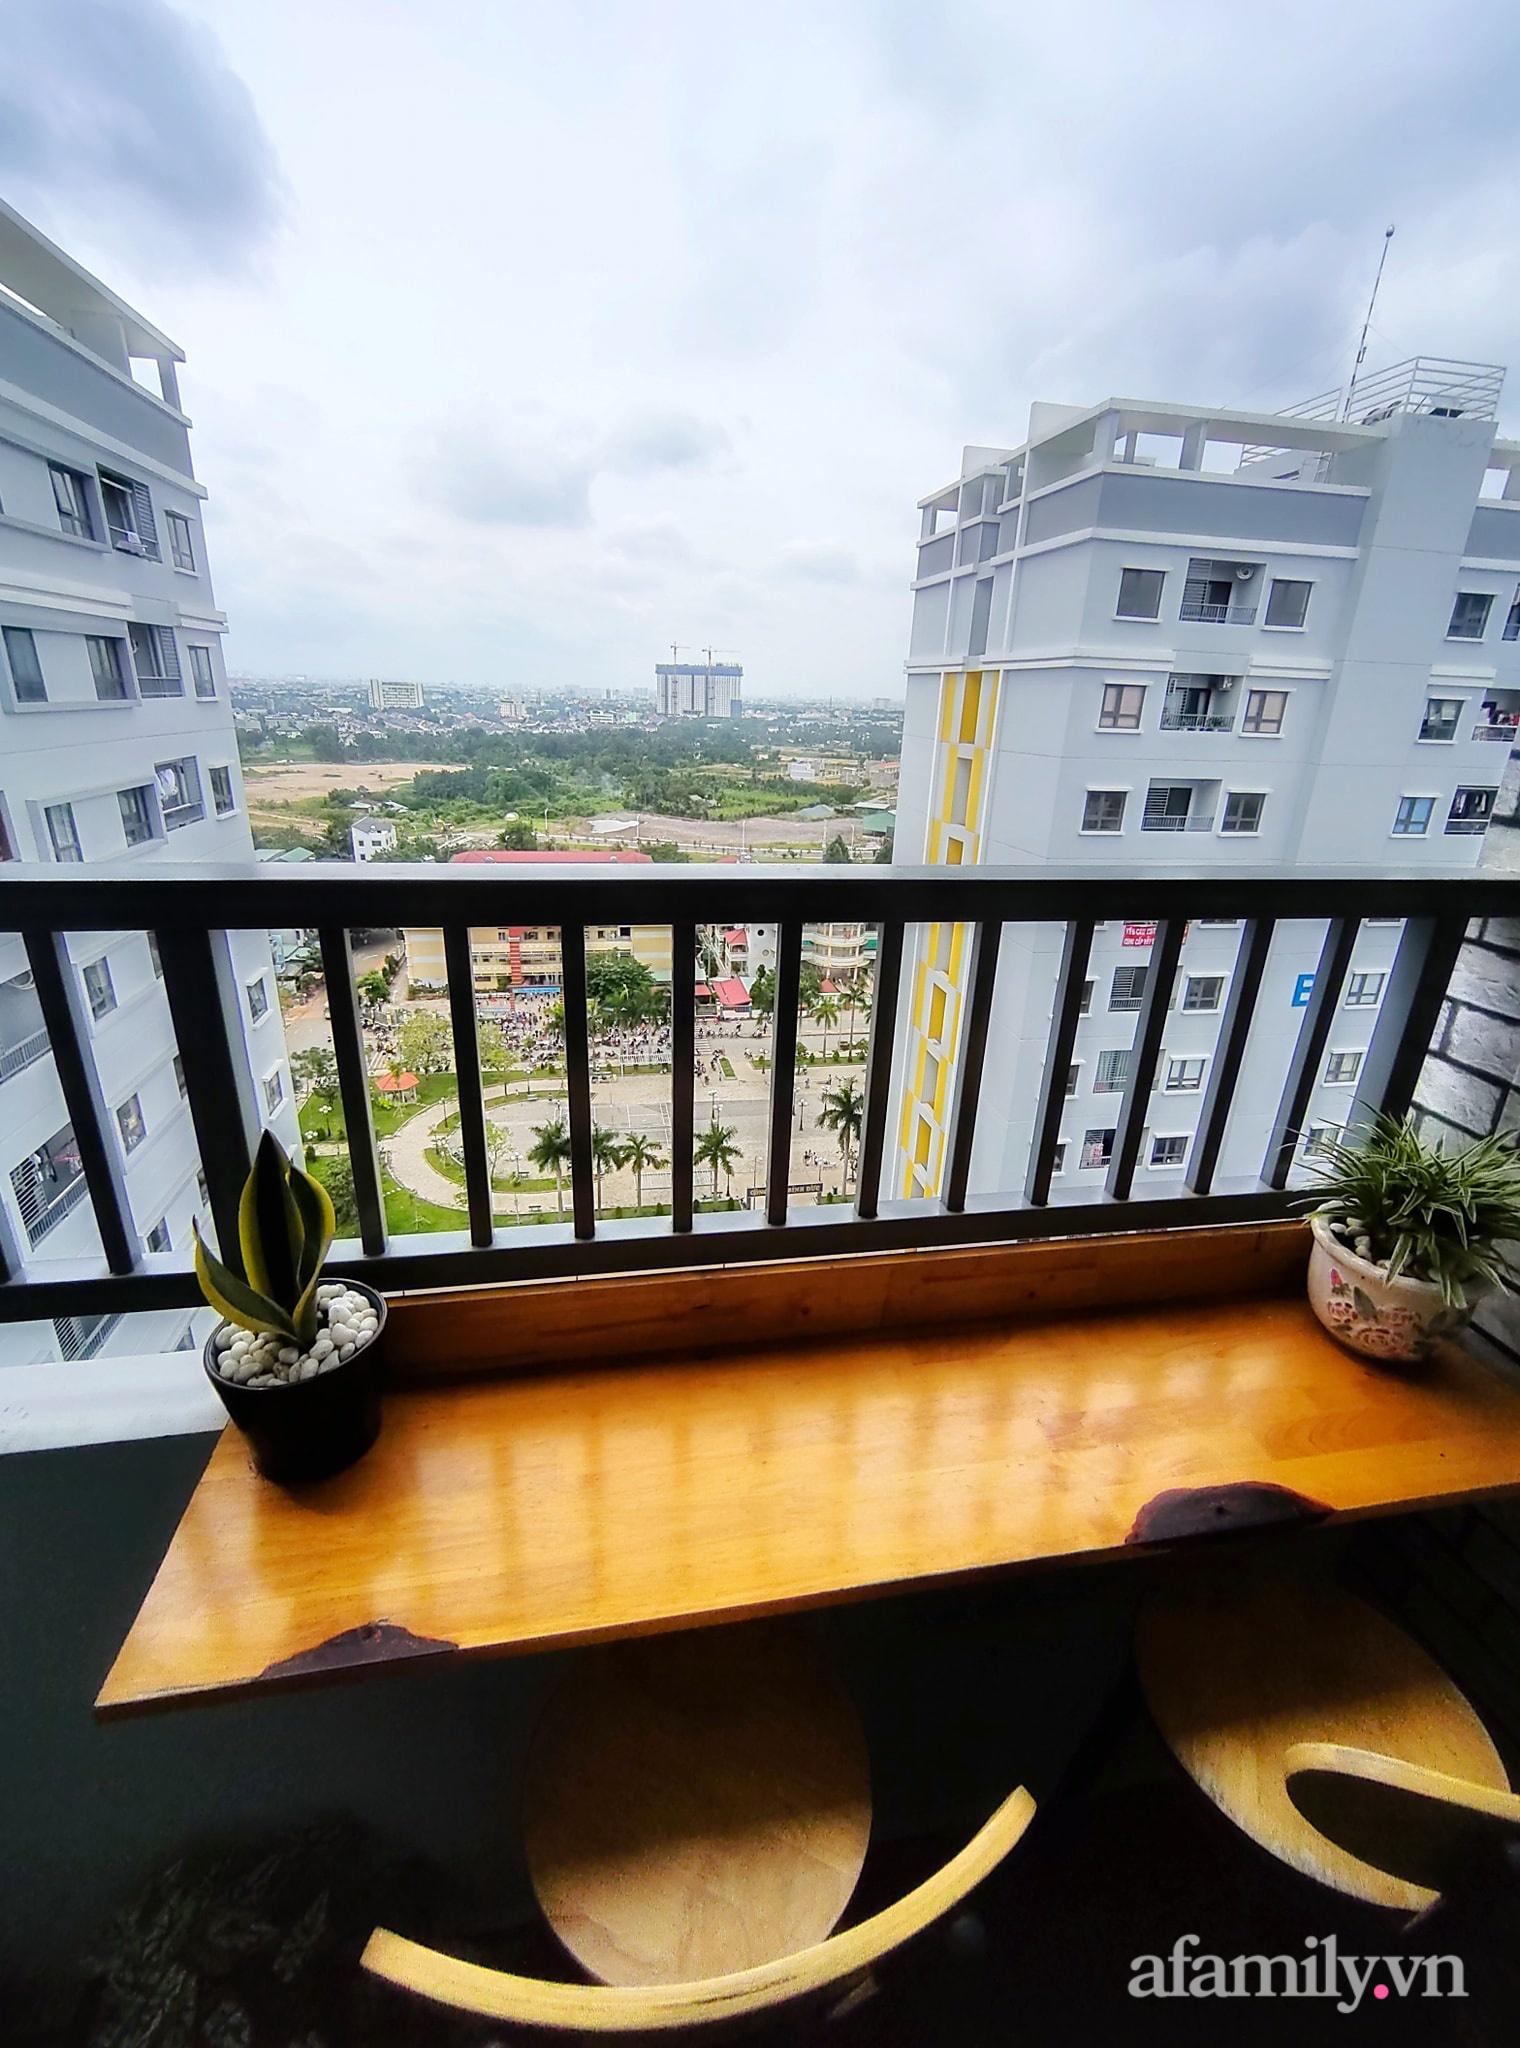 Căn hộ 70m² xanh tươi và ngập tràn ánh sáng với tổng chi phí đầu tư chỉ 46 triệu đồng của chàng trai độc thân ở Sài Gòn - Ảnh 4.